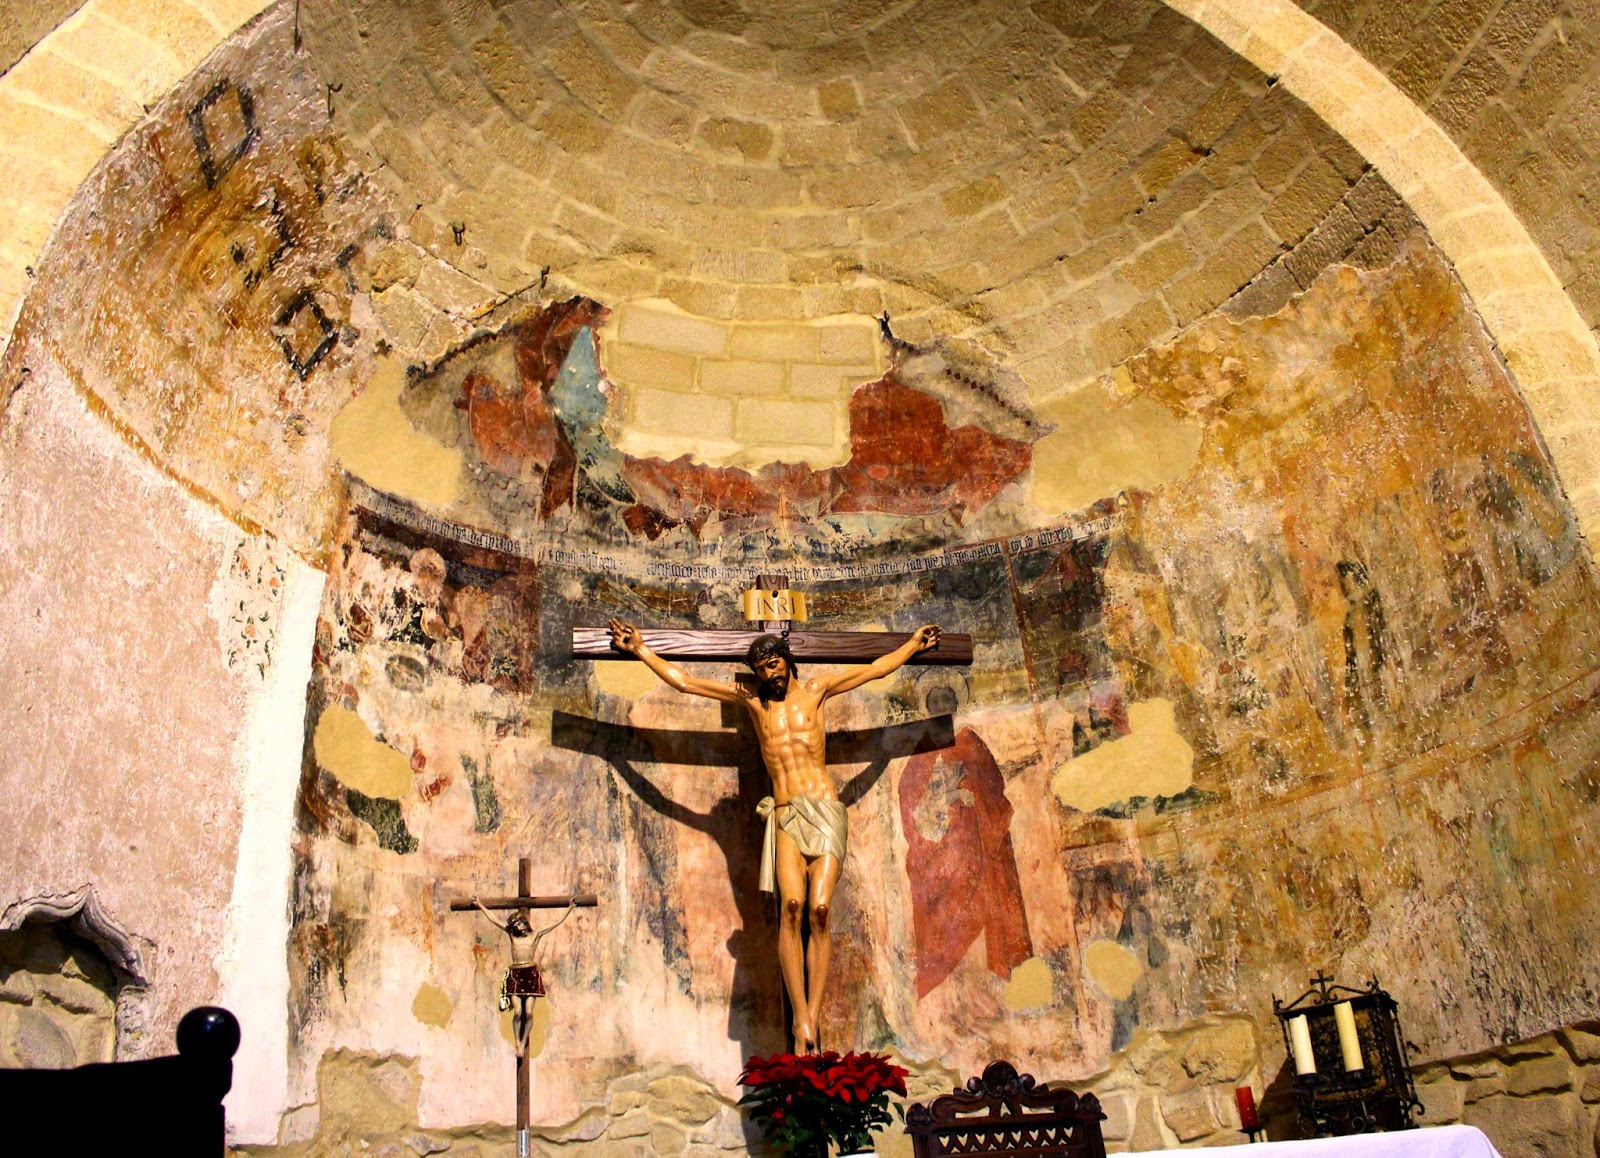 Ábside con pinturas del s. XV en la iglesia de la Santa Cruz en Baeza